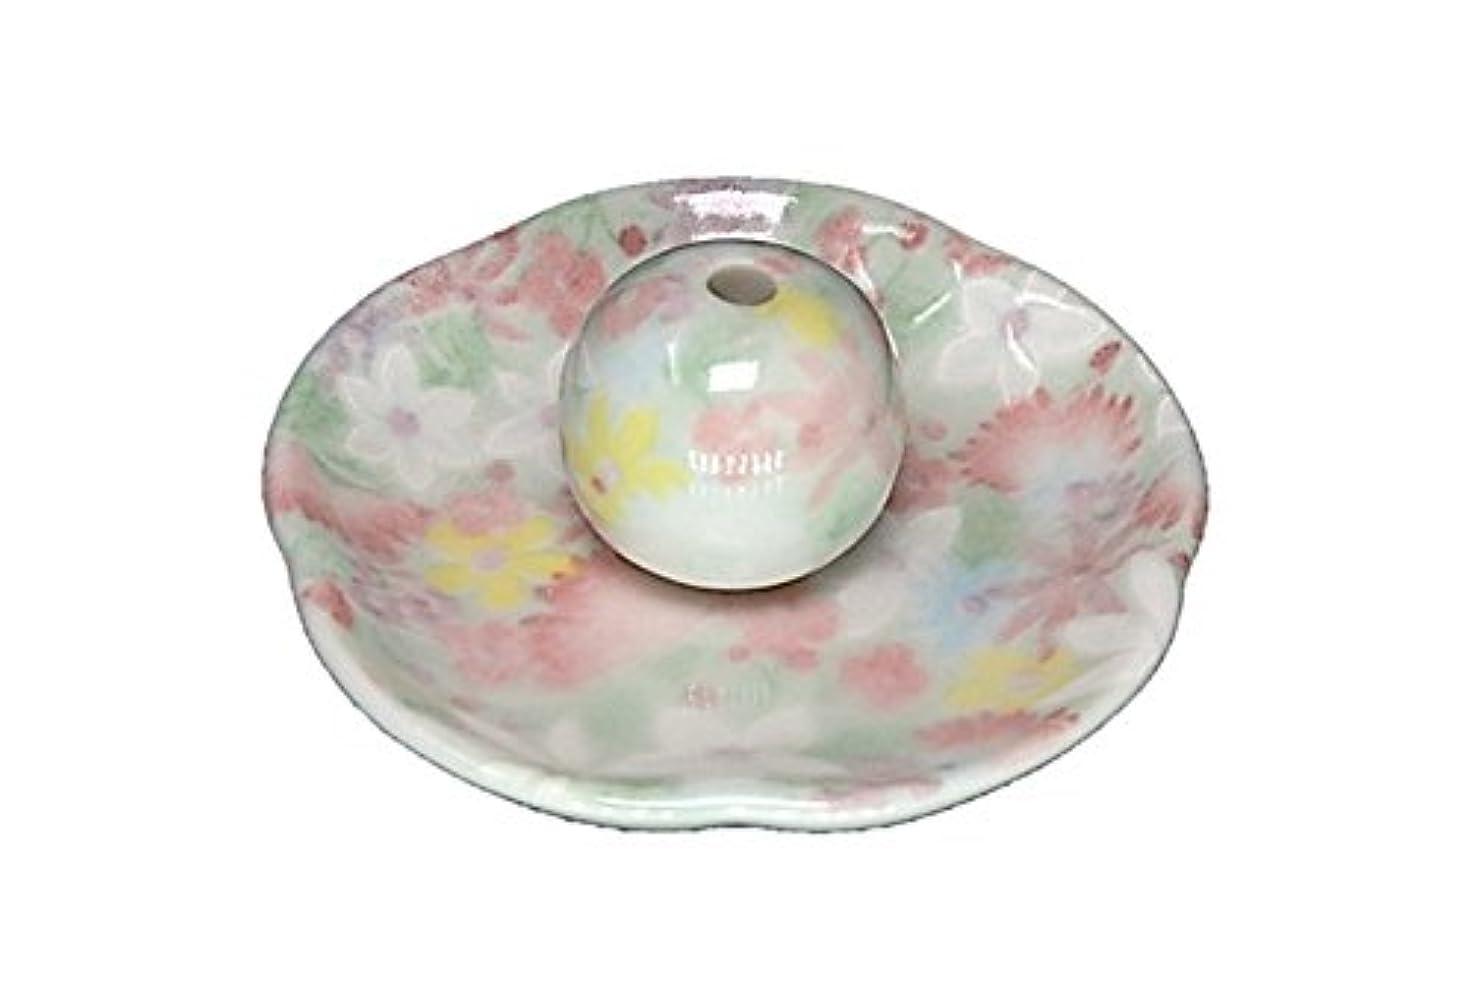 運命的な半球華苑 花形香皿 お香立て 日本製 製造 直売品